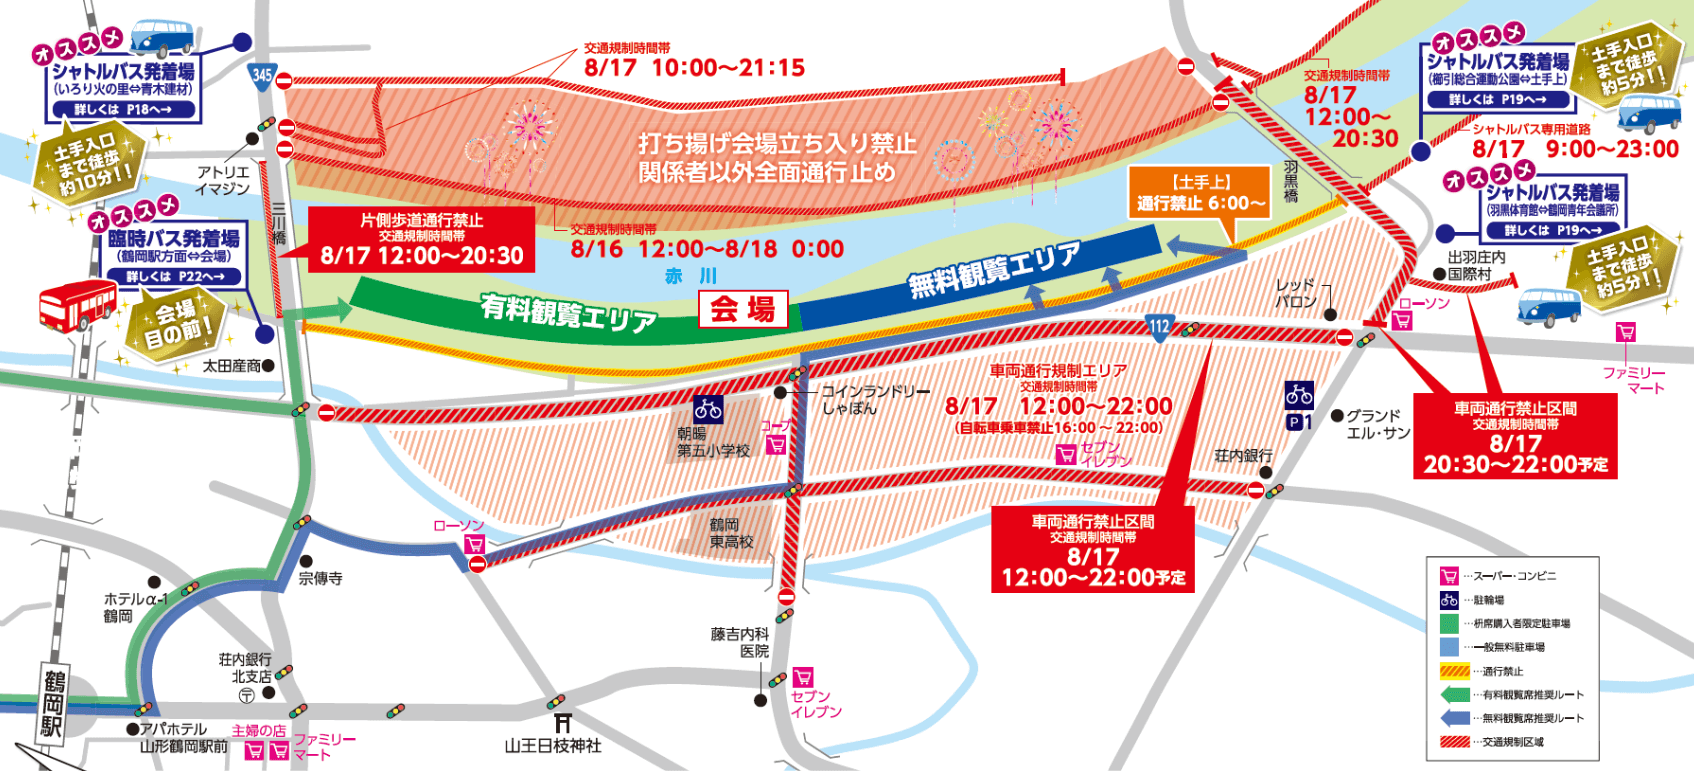 赤川花火大会 交通規制 地図